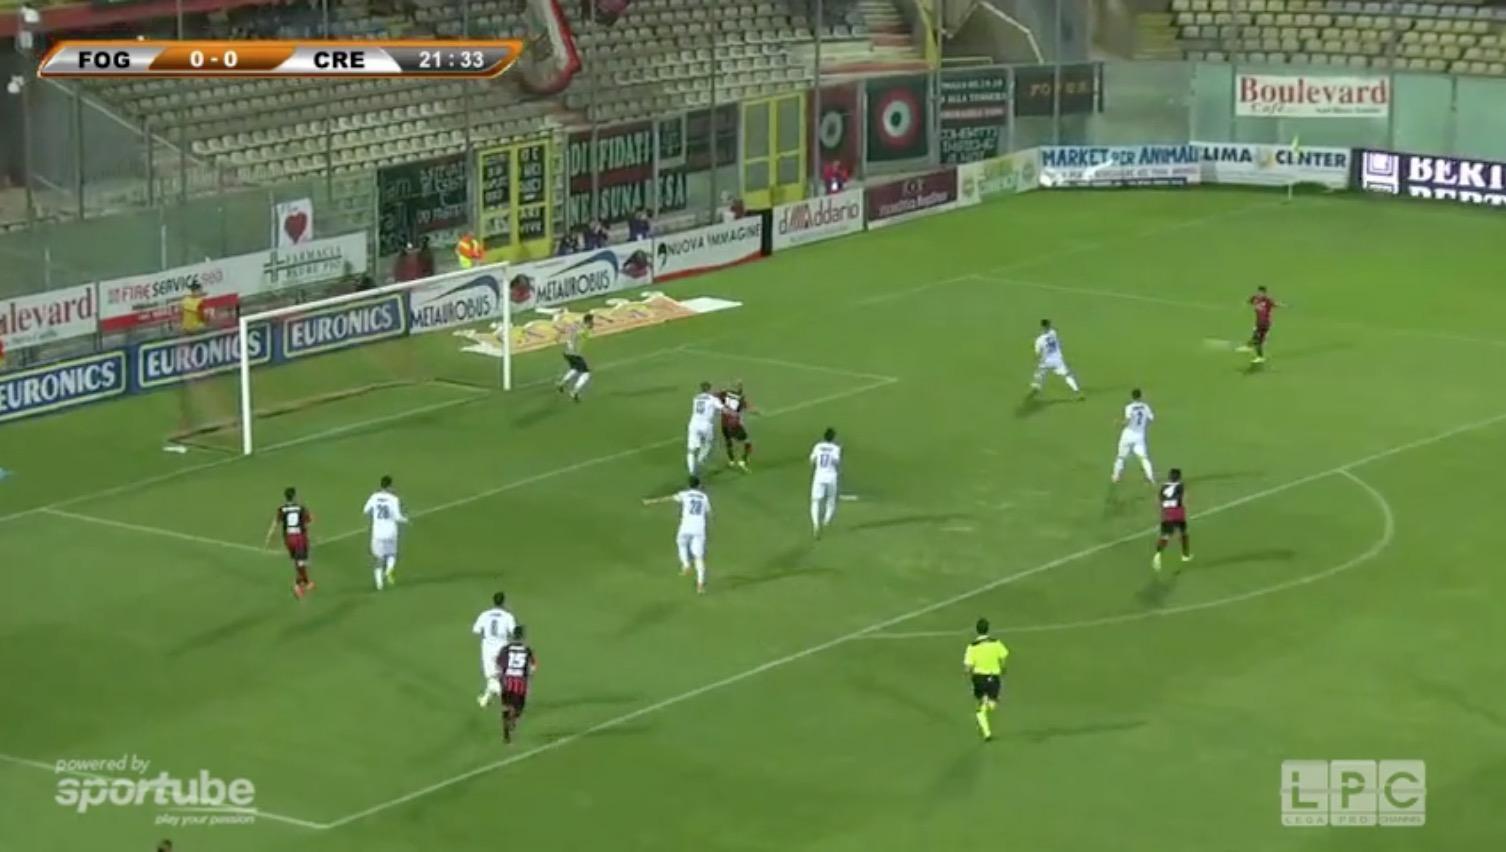 Foggia-Cremonese 3-1: guarda gli highlights Sportube - VIDEO Supercoppa Lega Pro